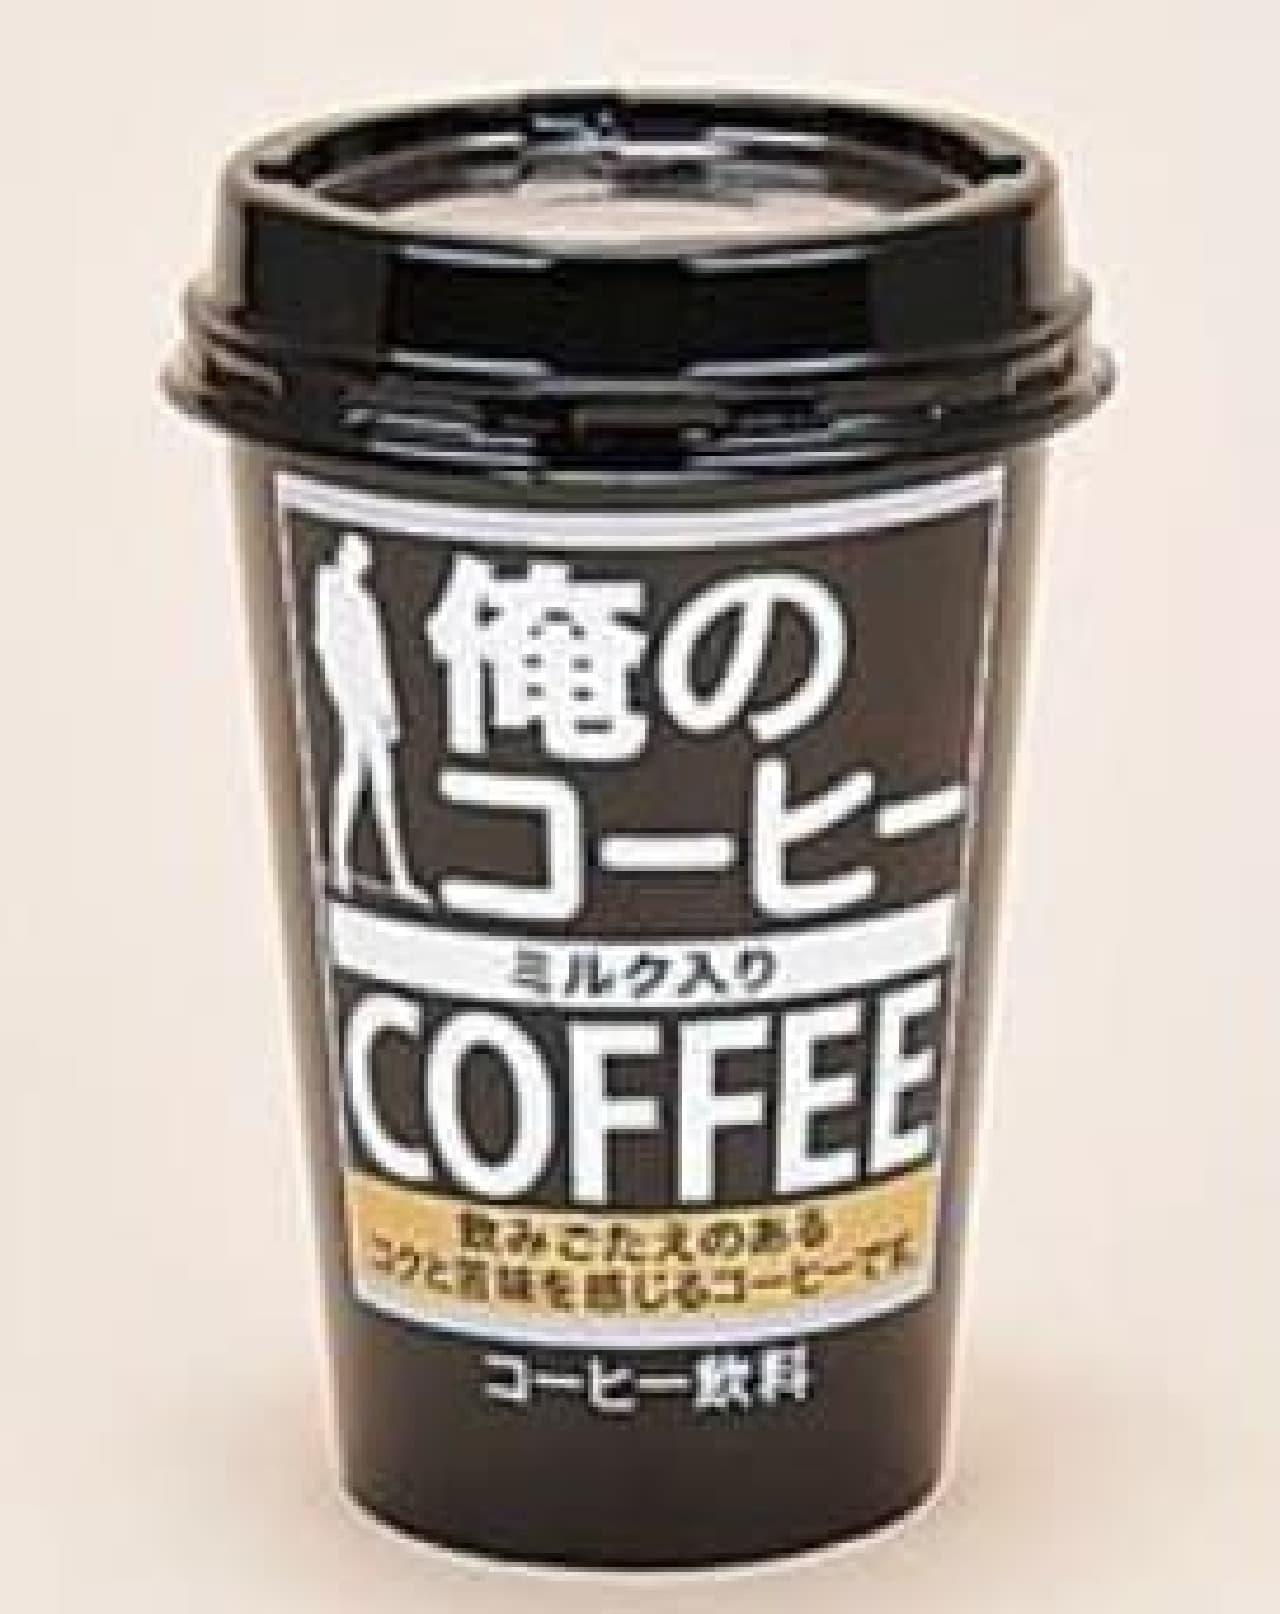 400グラム入り、大容量の「俺のコーヒー」